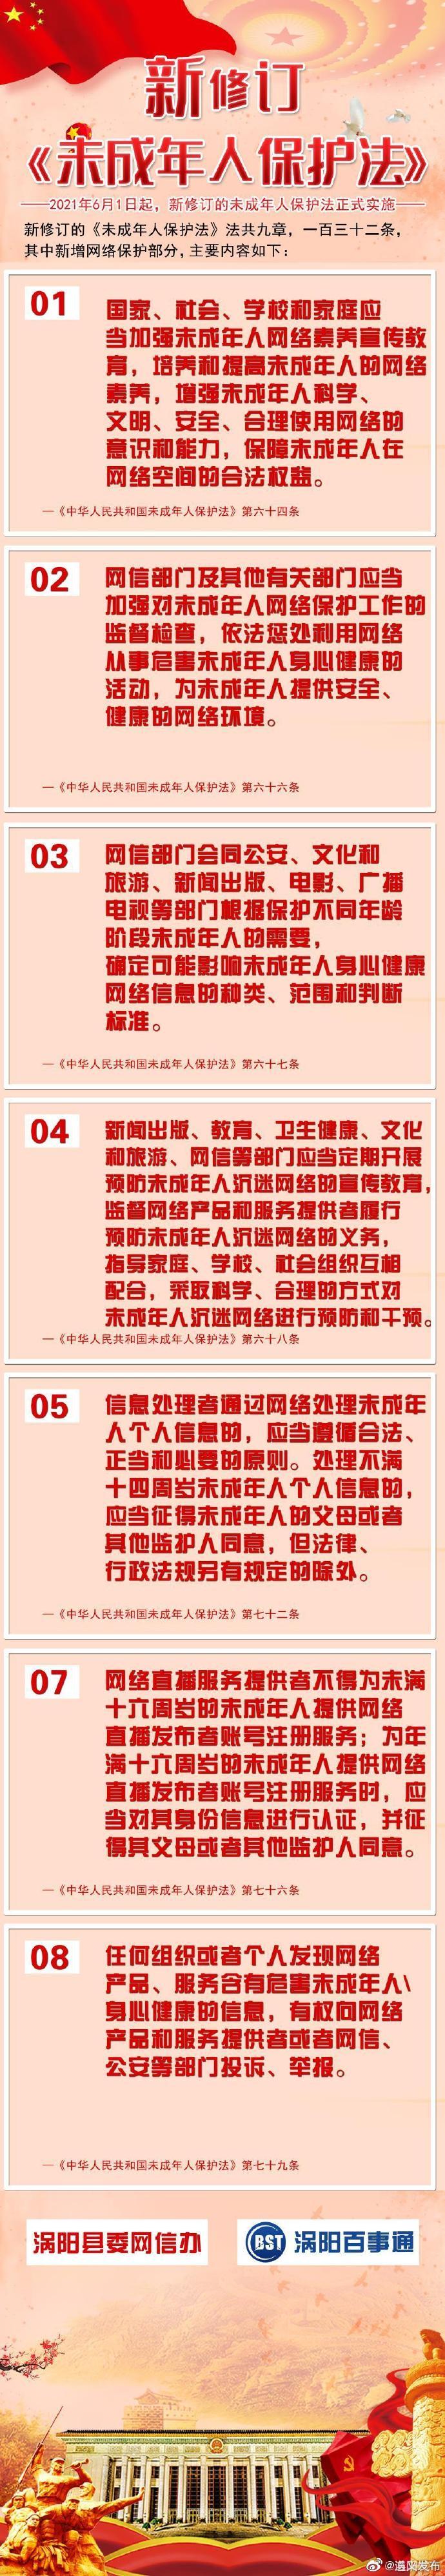 未成年人保护法中网络保护内容-来源涡阳县委网信办.jpg